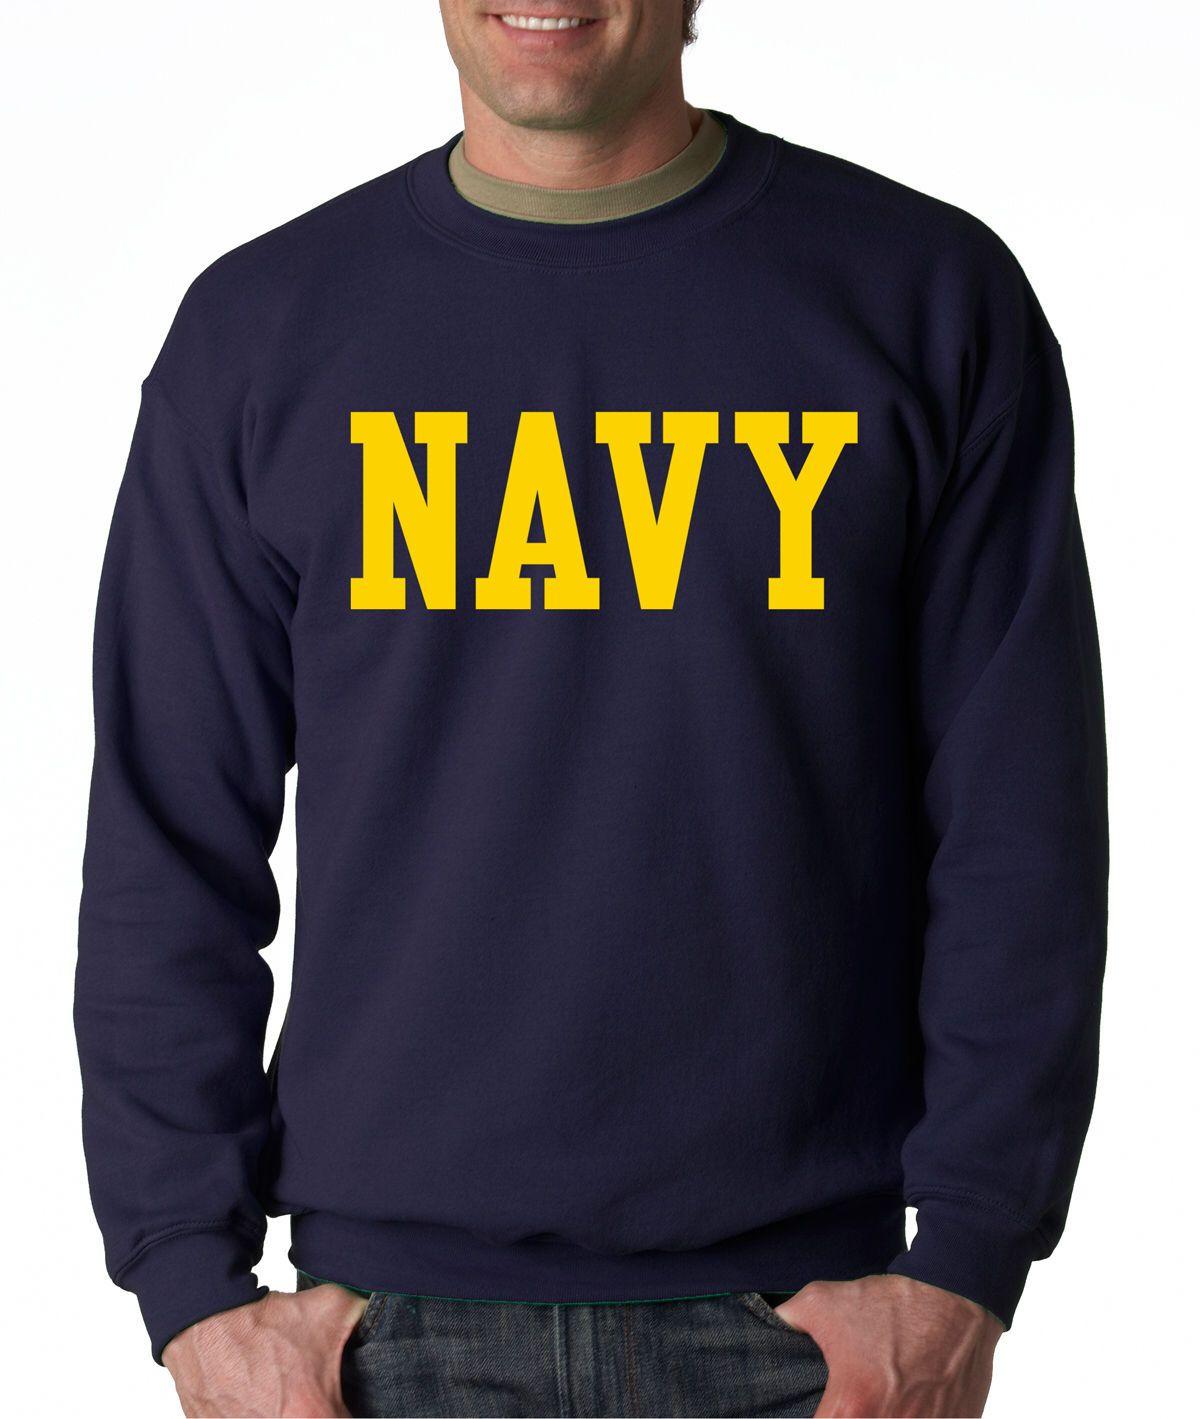 Navy Block Crew Neck Gold Military Sweatshirt Blend Seal Us U S Navy Usnavy Hoodies Men Sweatshirts Sweatshirts Hoodie [ 1419 x 1200 Pixel ]